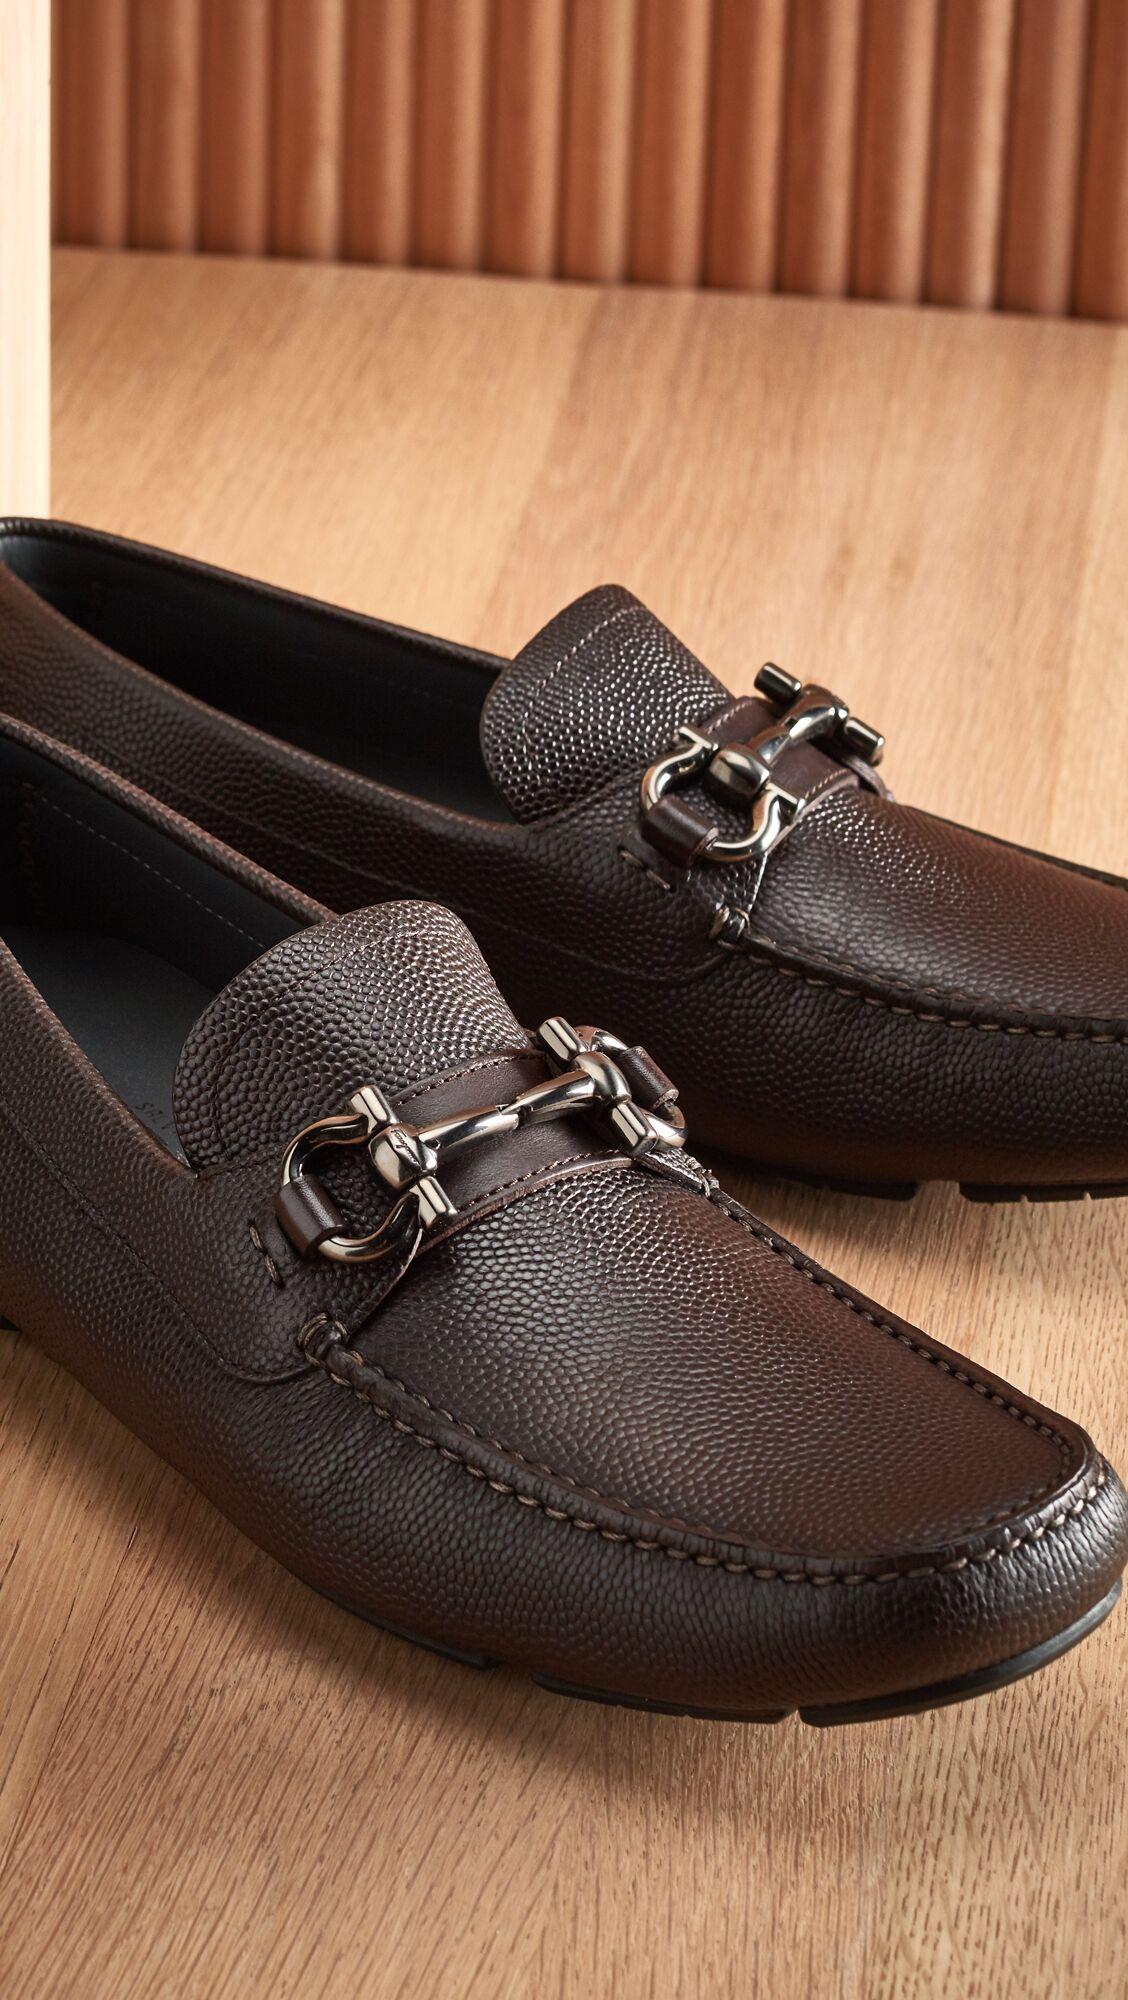 Salvatore Ferragamo Parigi Bit Driver Shoes - Hickory - Size: 8.5 D